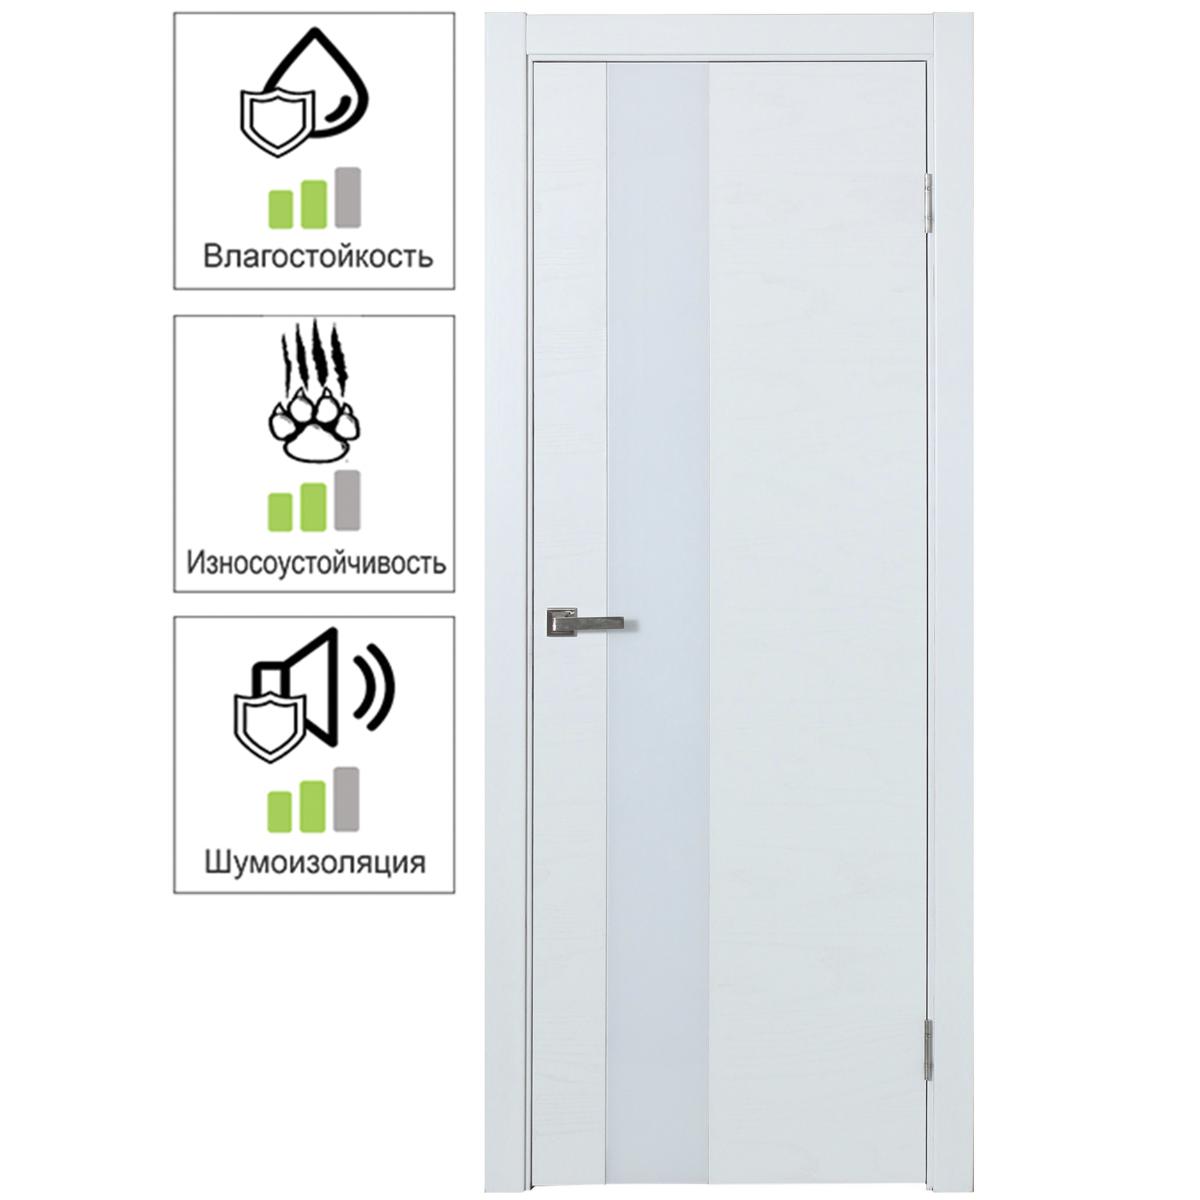 Дверь Межкомнатная Остеклённая Шпон Модерн 60x200 Цвет Белый Ясень